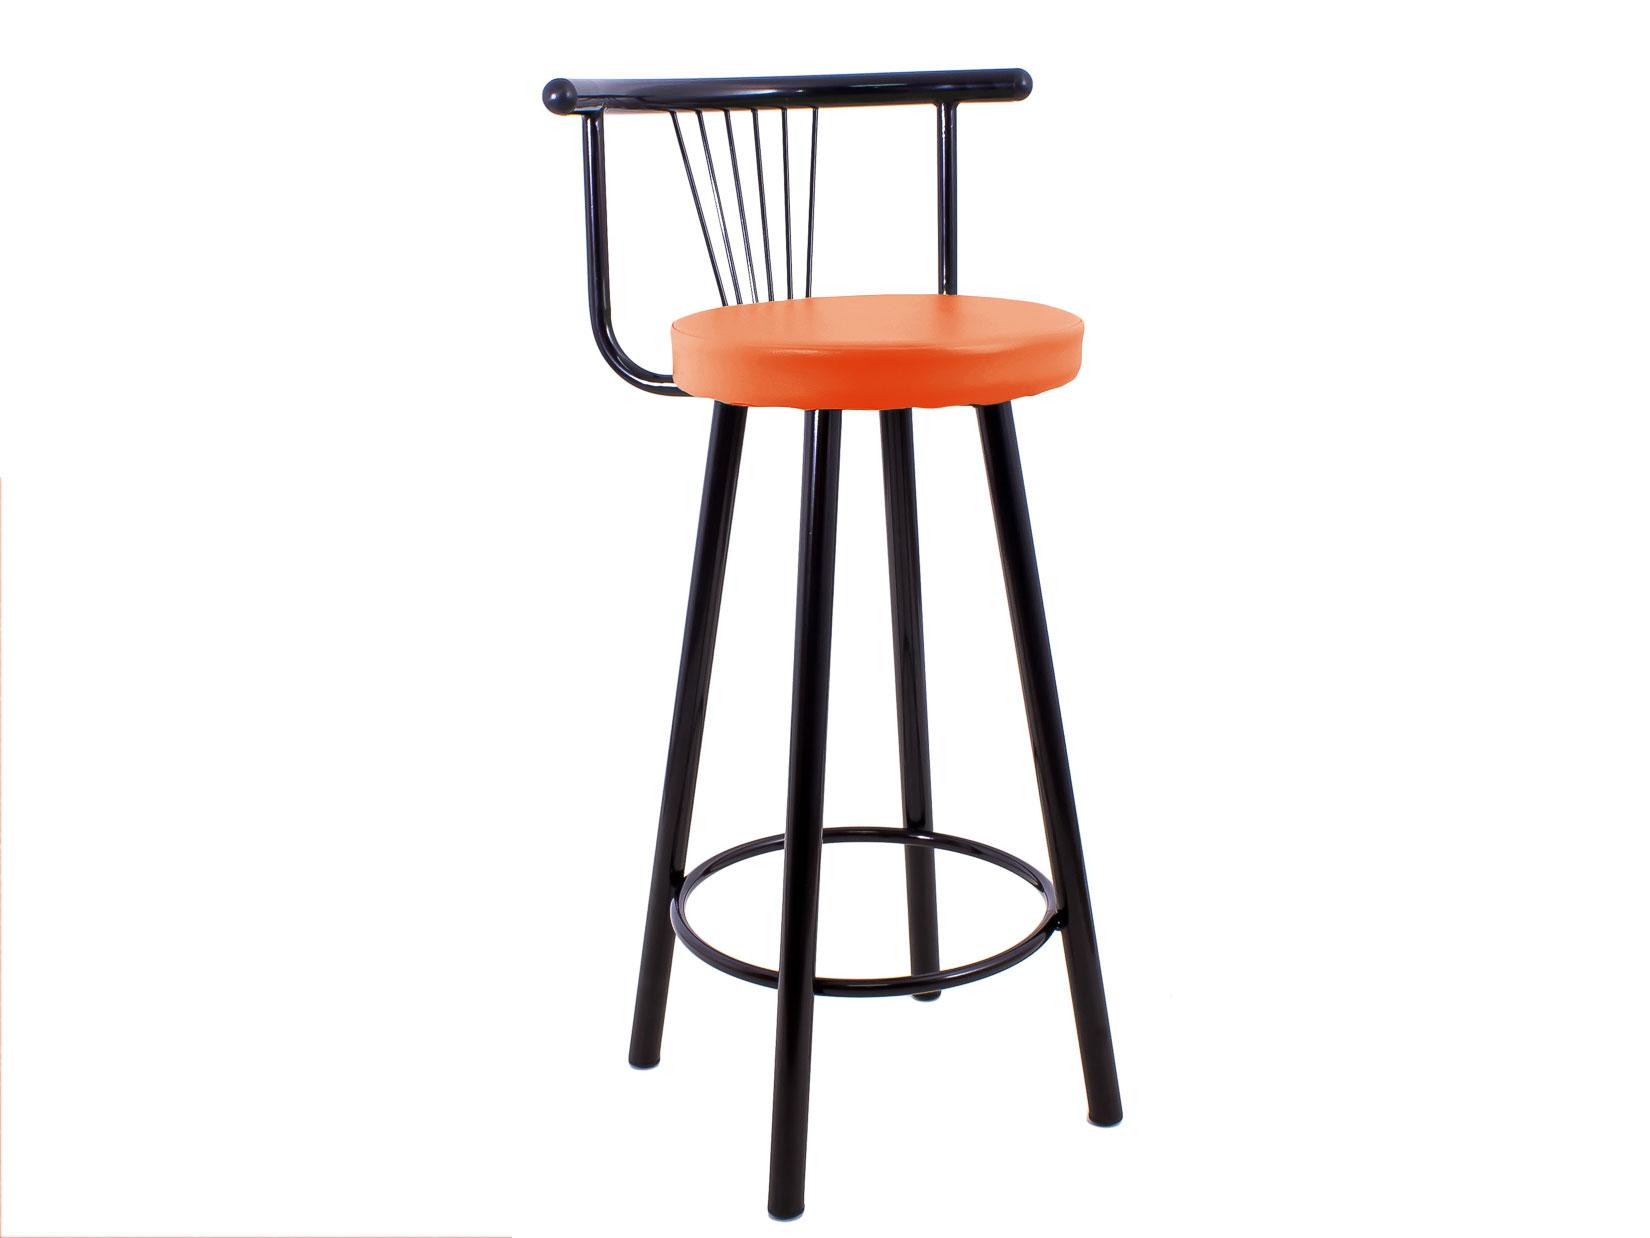 Мягкий барный стул для кухни 153-16124